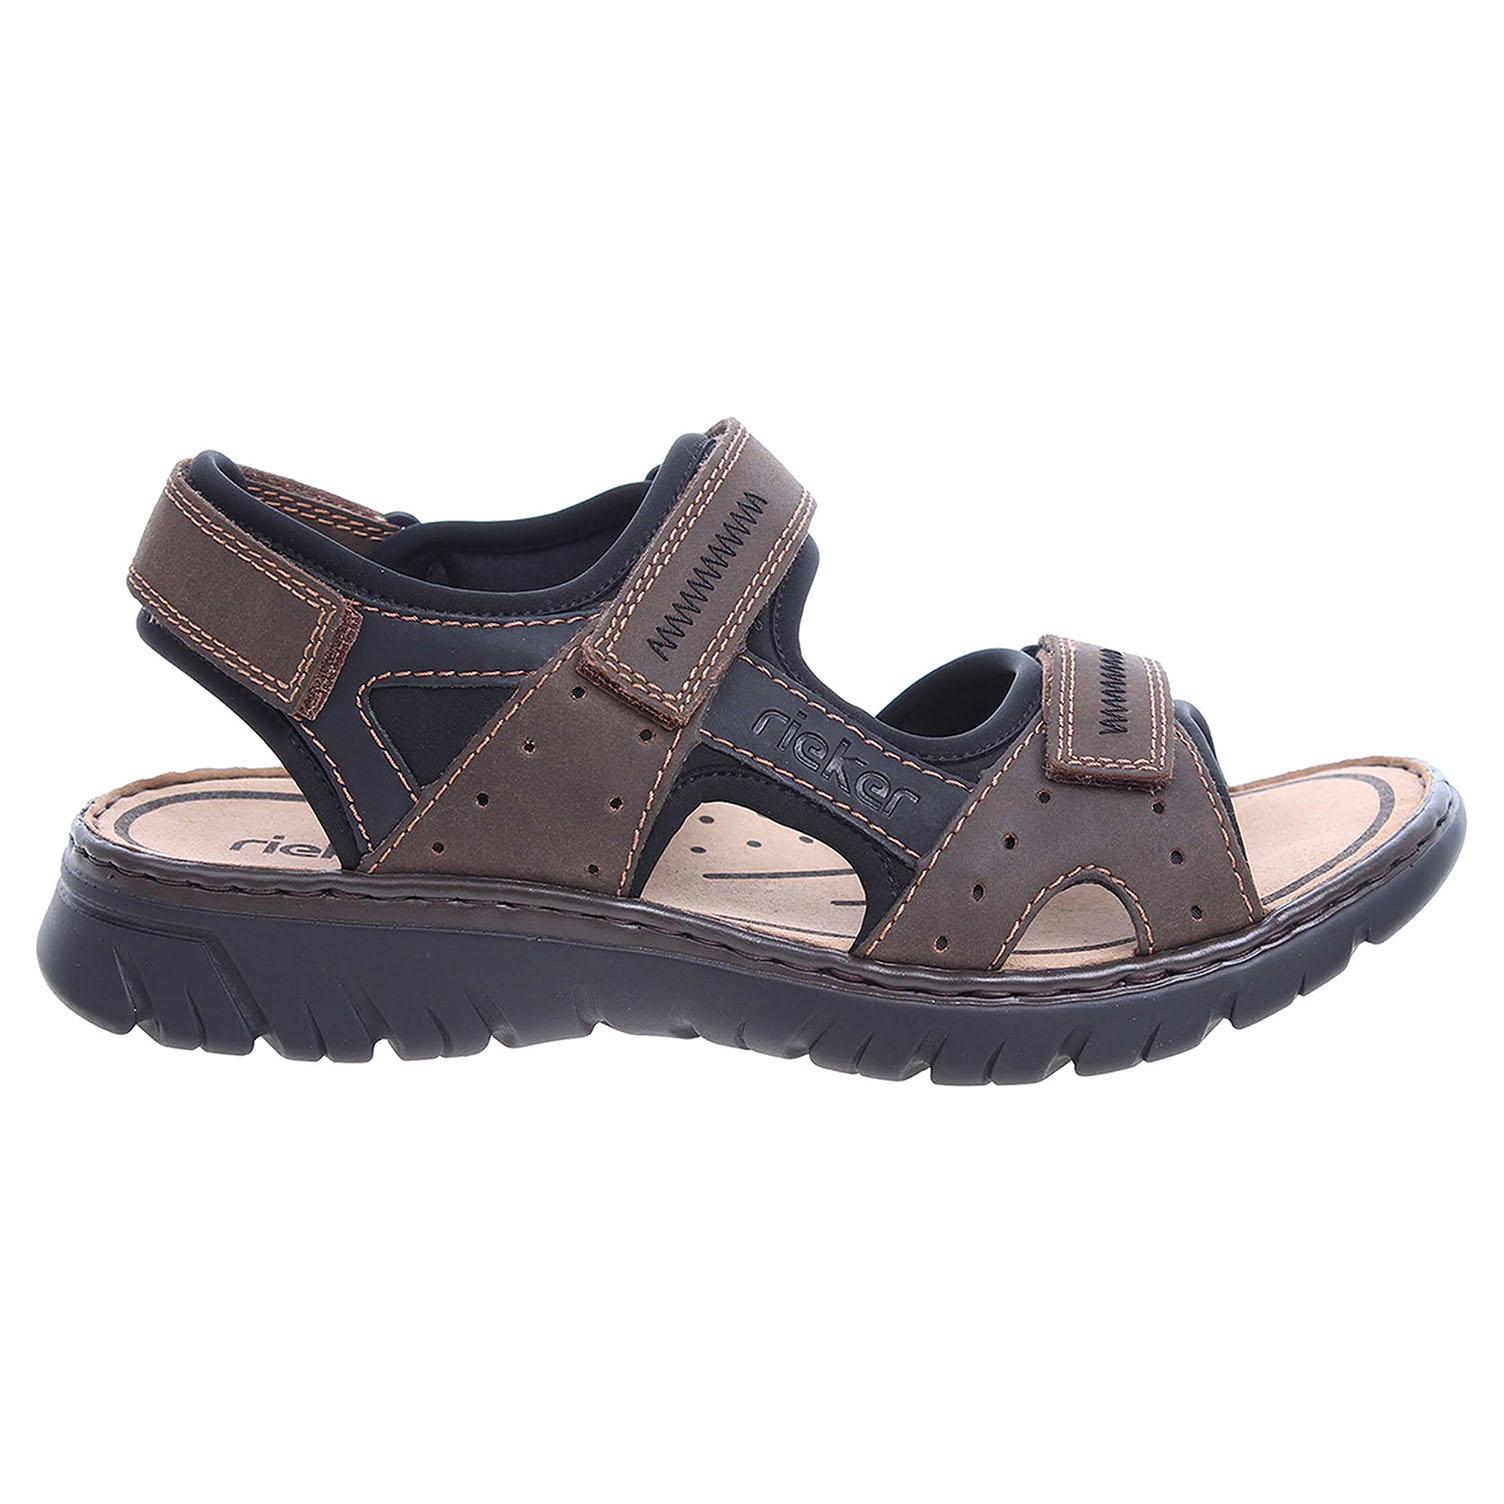 f03e4317358 Ecco Rieker pánské sandály 26757-25 hnědé 24700207